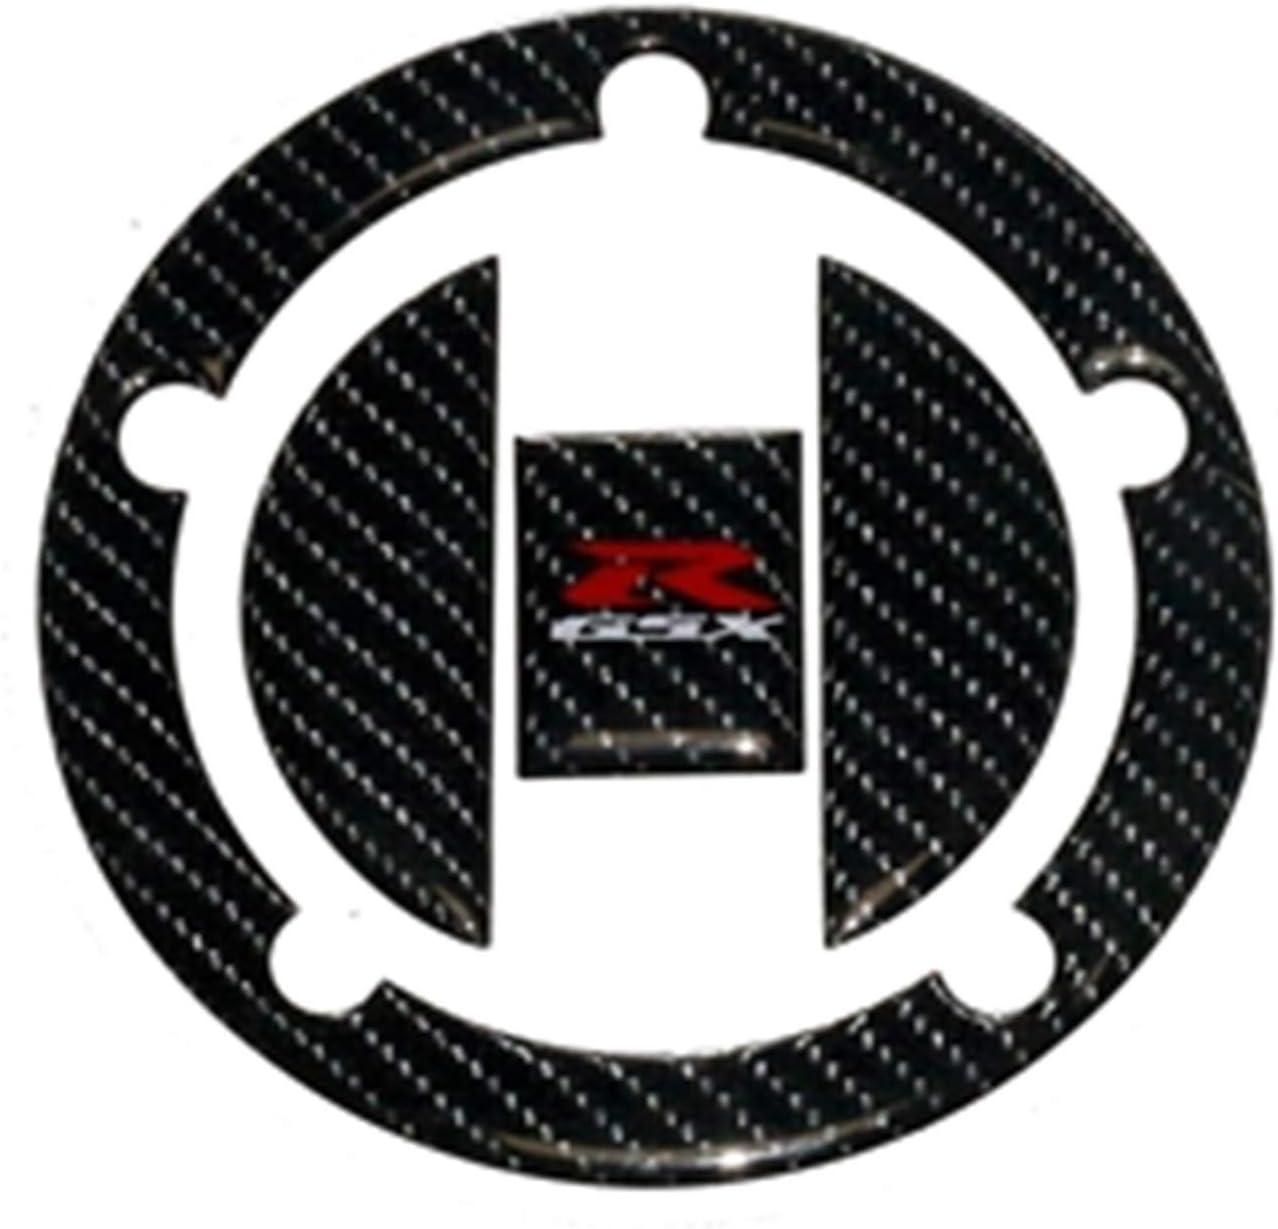 DAFEICHUAN Etiqueta de Tapa de Tanque de Carbono Etiqueta de Tanques Tenedor Tenedor Triple árbol Superior de la Abrazadera Apoyo para Suzuki GSXR GSX-R 750 600 1000 K1 K3 K5 K6 K7 K8 K11